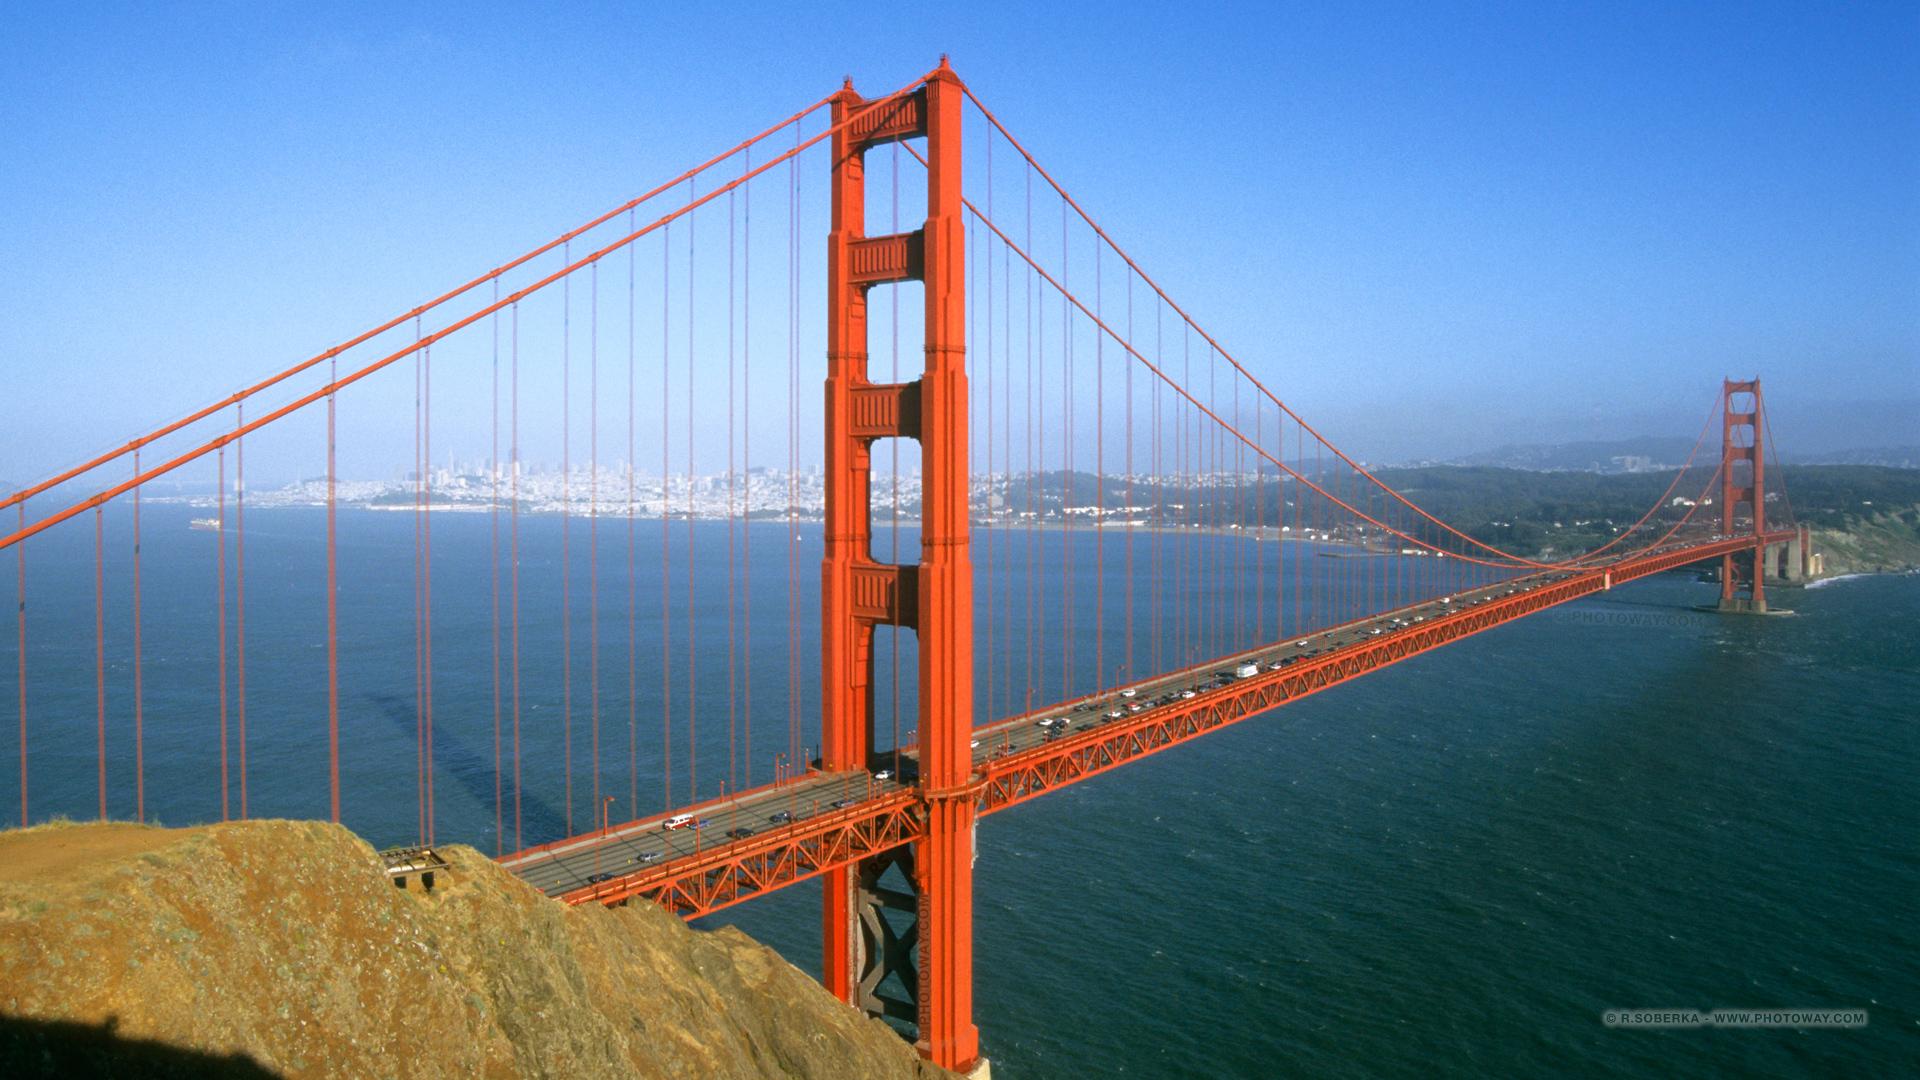 Fond D Ecran Golden Gate Bridge Wallpaper Fonds D Ecran San Francisco